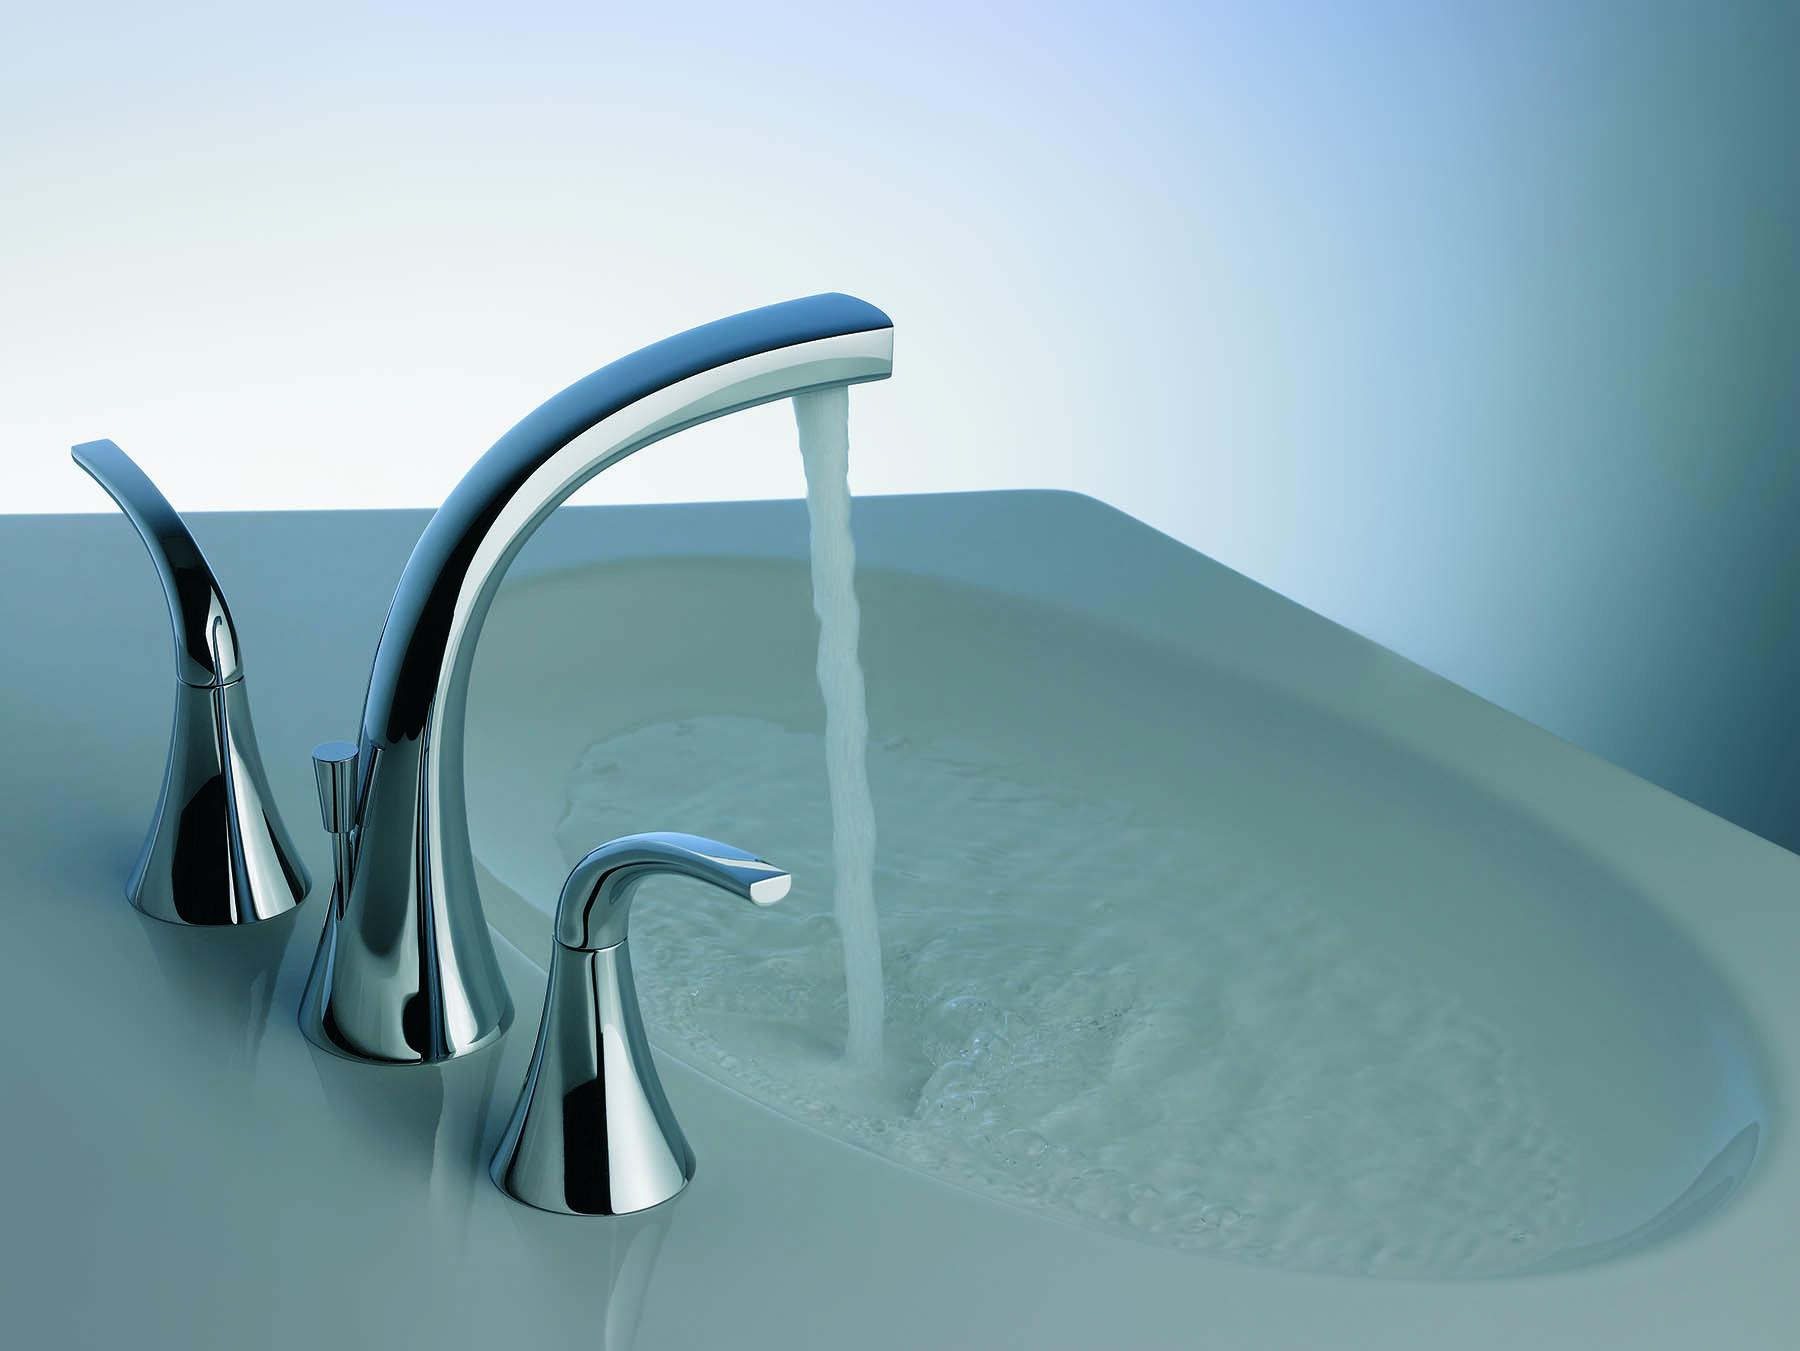 Alesia Lever Plus Deck Mount Faucet